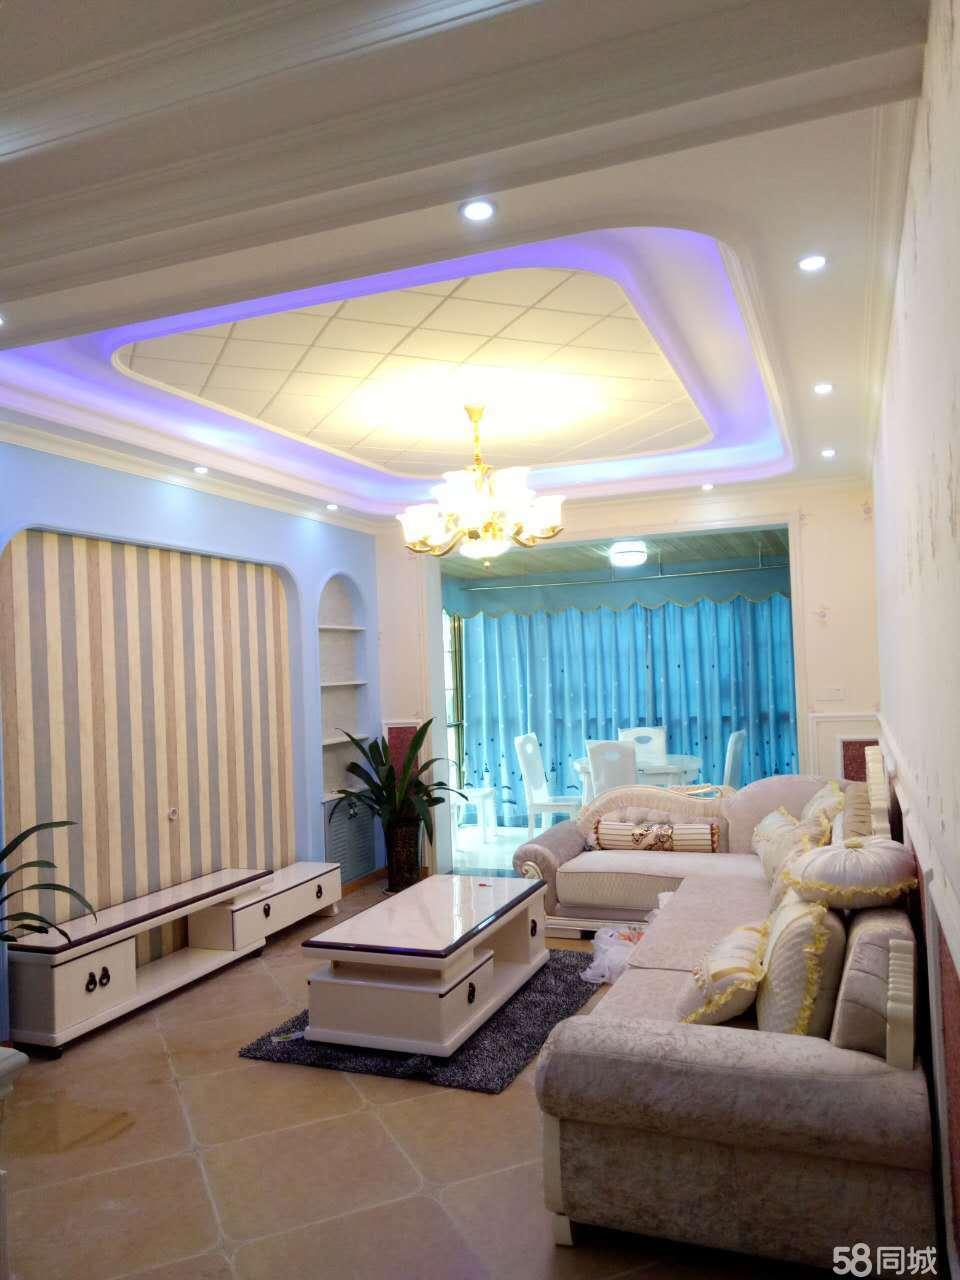 安居碧云兰溪现浇房3室2厅精装房带全新家具